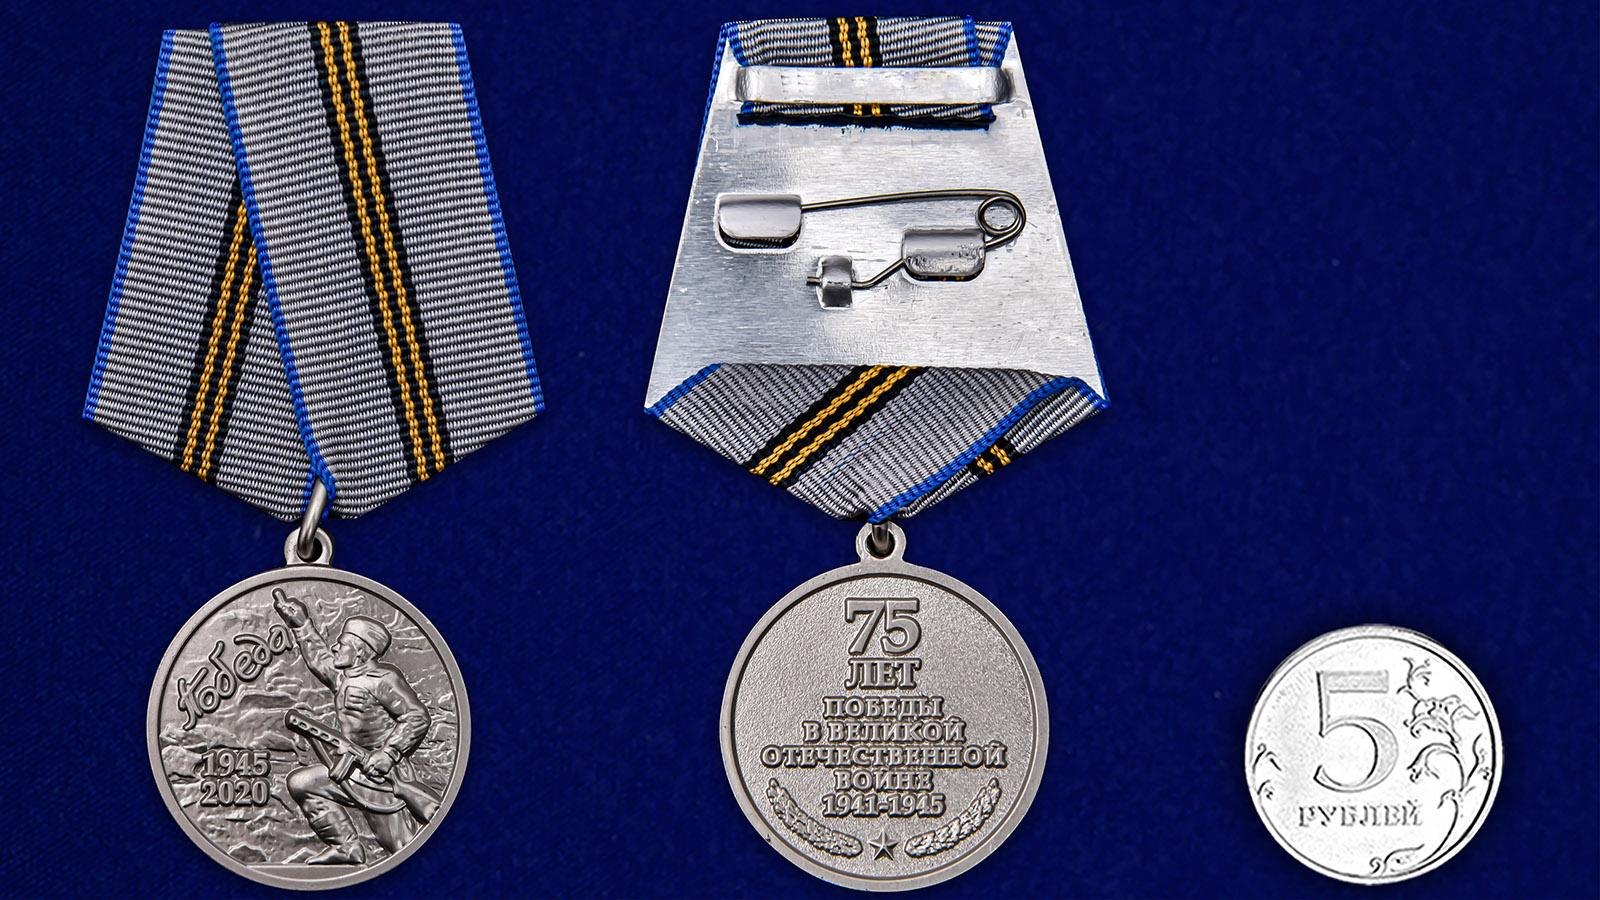 Юбилейная медаль День Победы в ВОВ 1941-1945 гг. на подставке - сравнительный вид